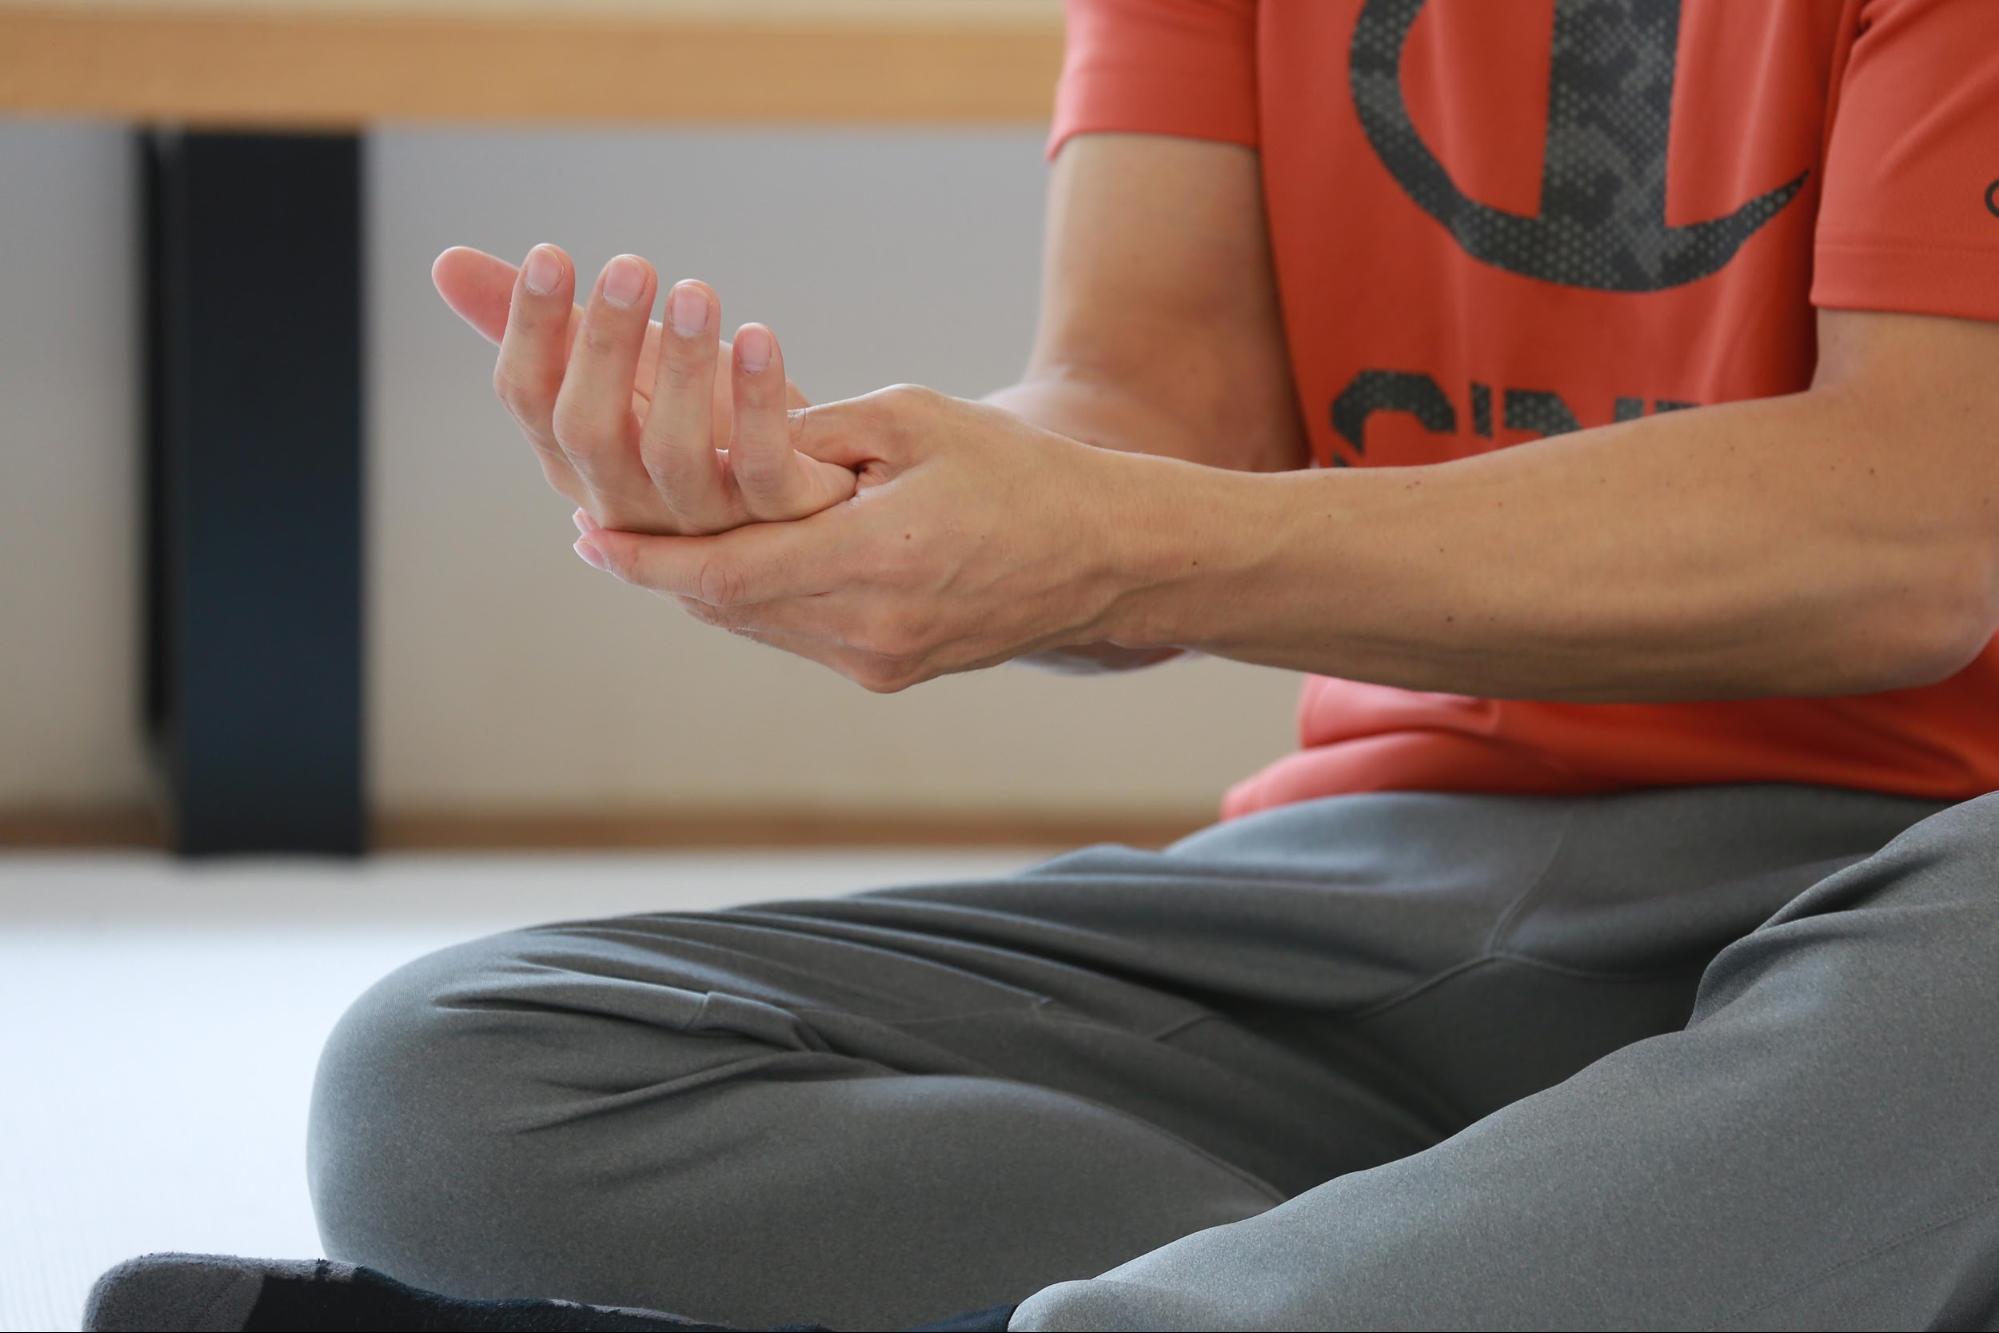 ケイン・コスギのゲームのための筋トレ術。指や手が固いなと感じたら、親指の付け根や手のひらの真ん中をグッと押してマッサージする